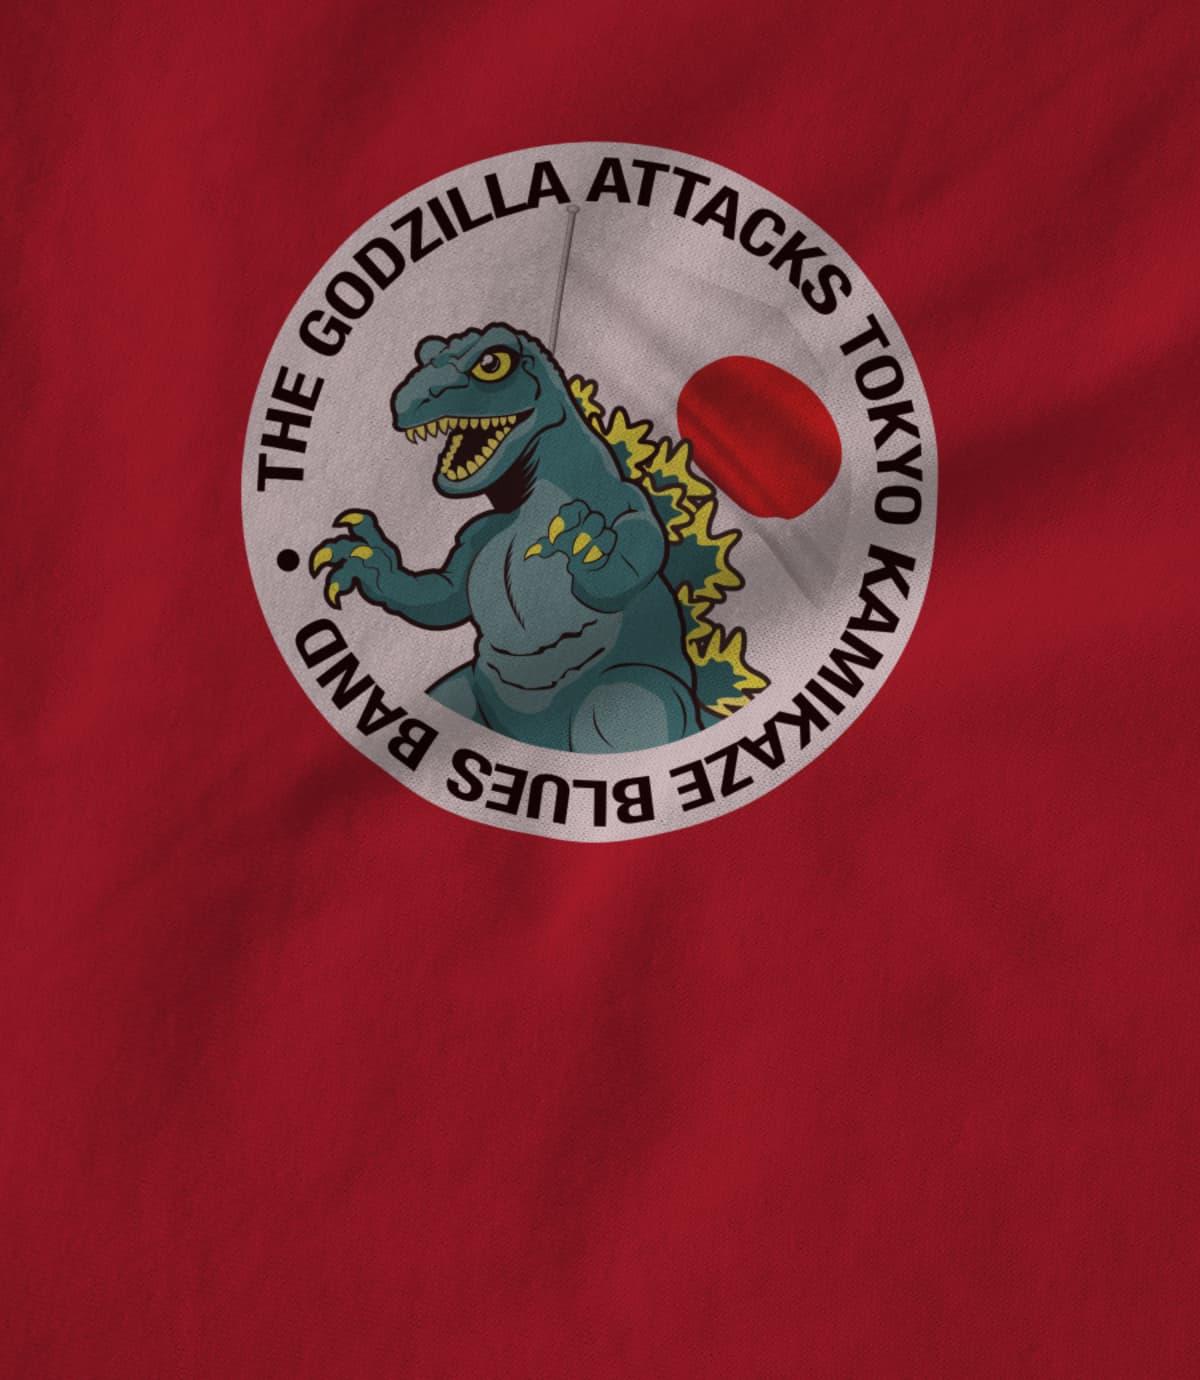 The Godzilla Attacks Tokyo Kamikaze Blues Band